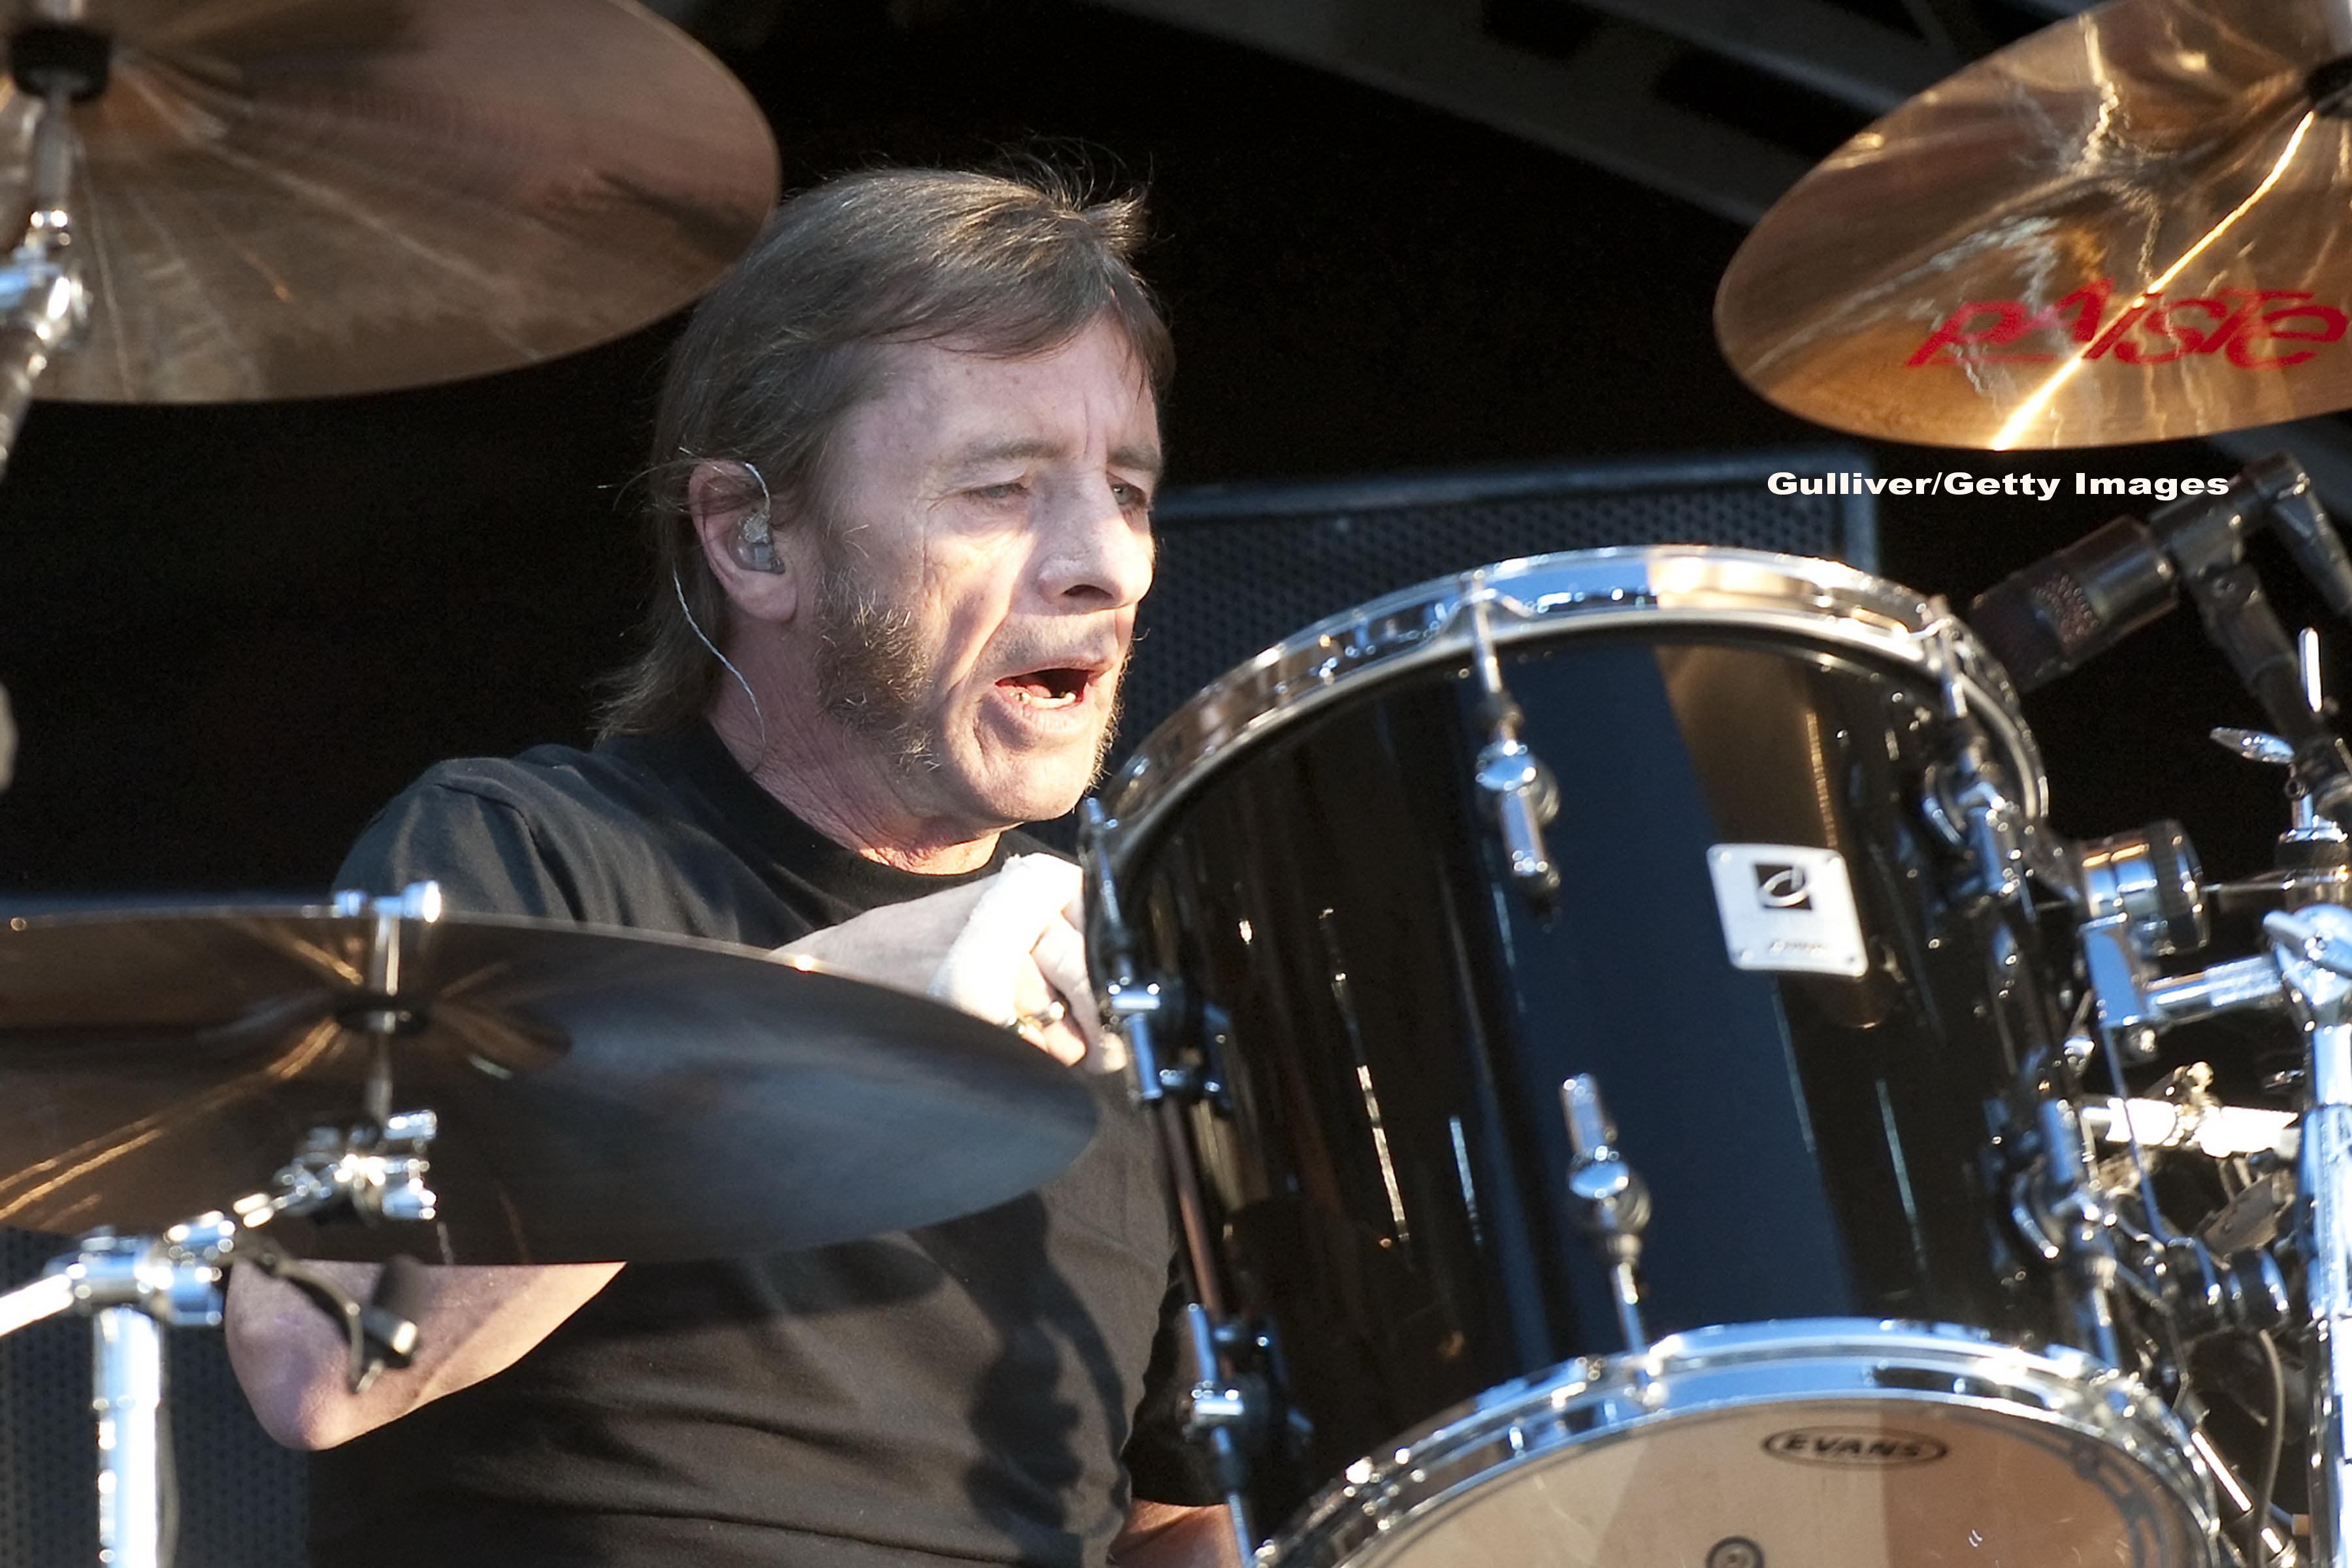 Bateristul trupei AC/DC, Phil Rudd, este acuzat de tentativa de crima. Artistul ar fi incercat sa angajeze un asasin